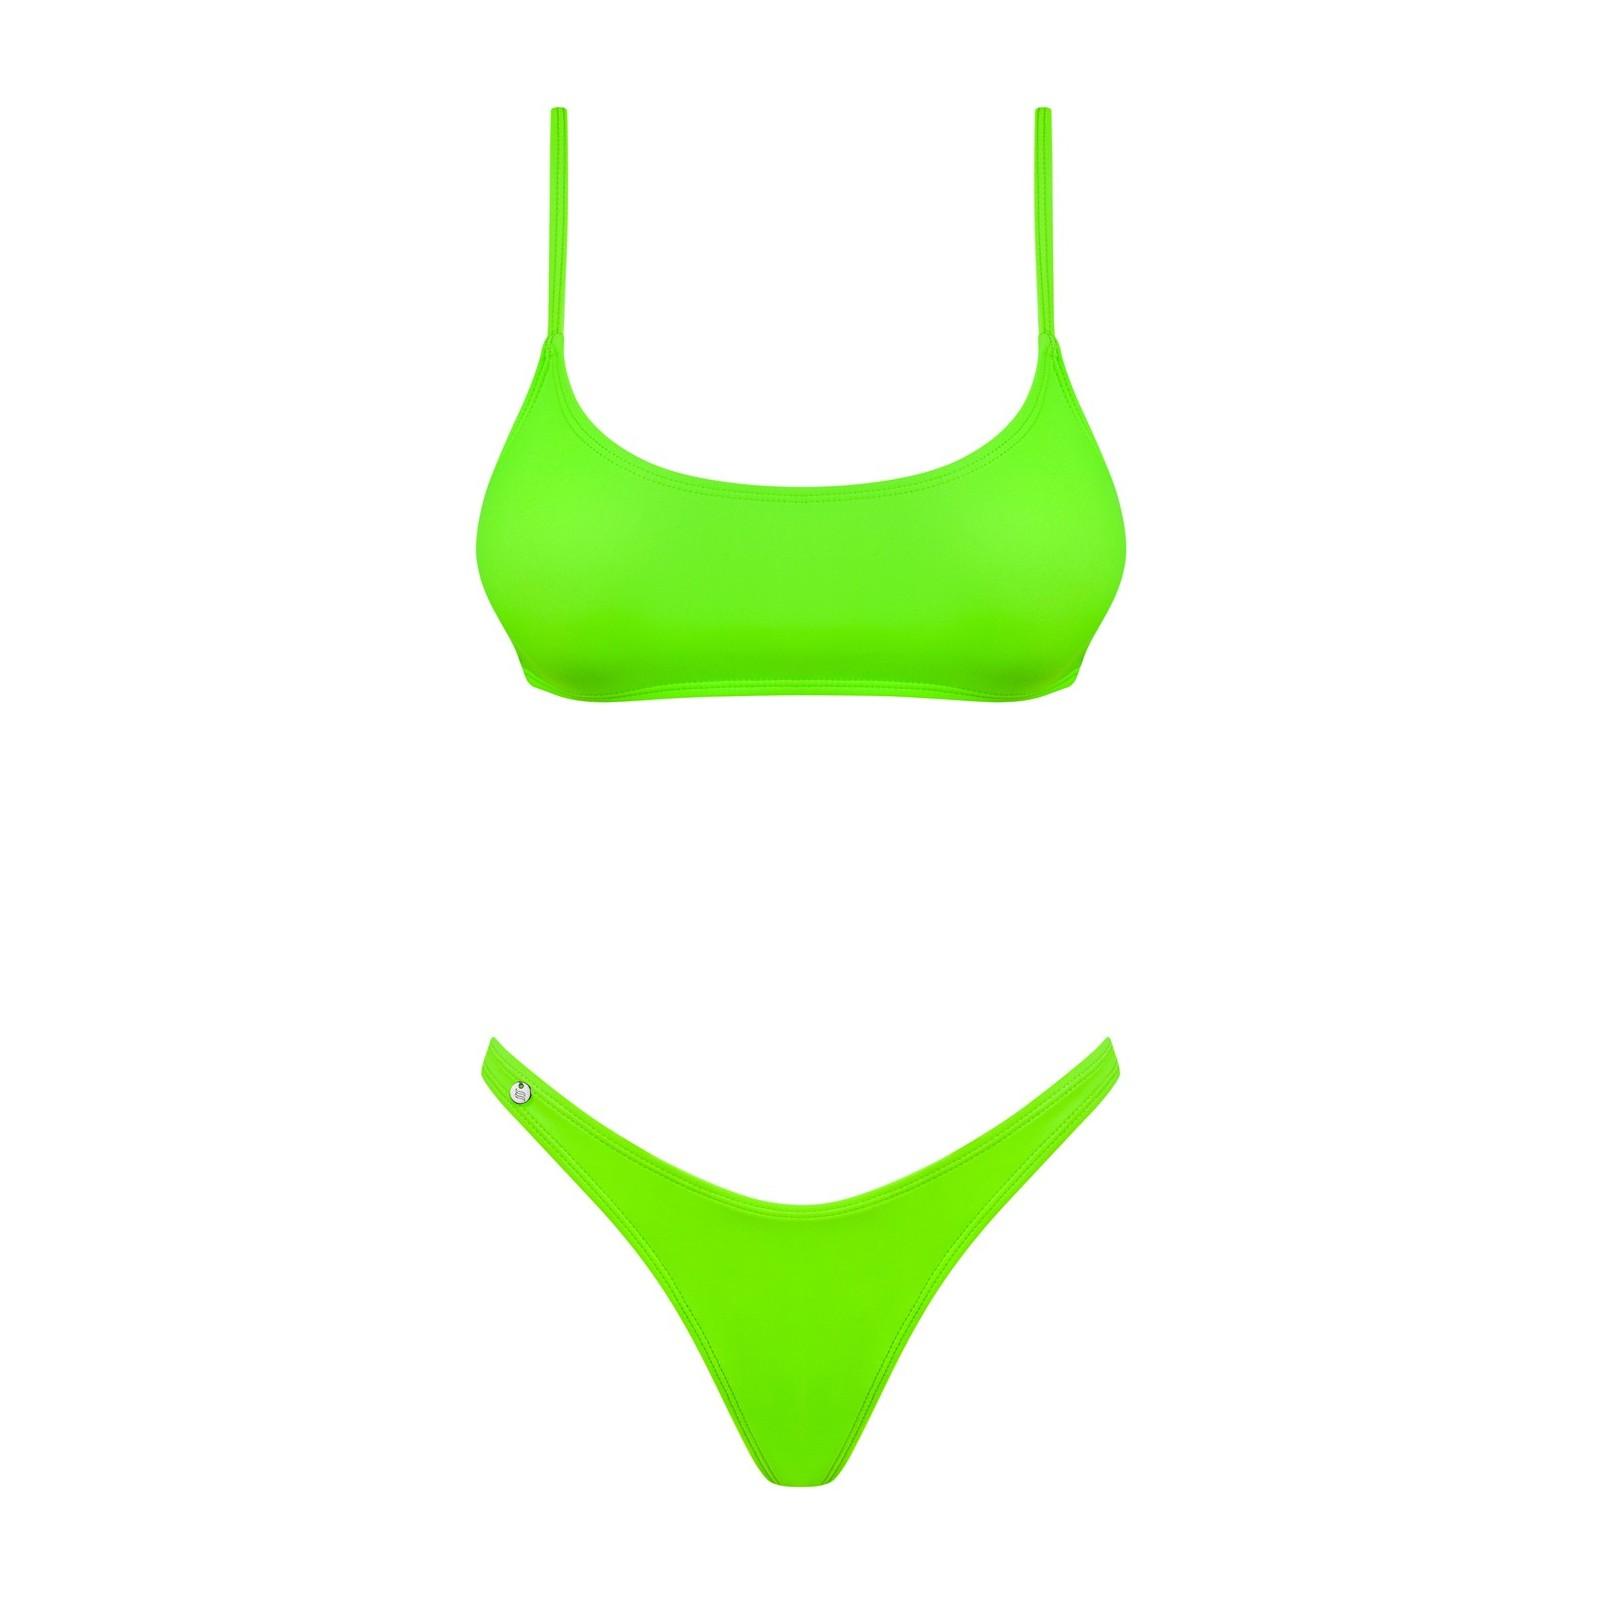 Bikini Mexico Beach neongrün - 5 - Vorschaubild